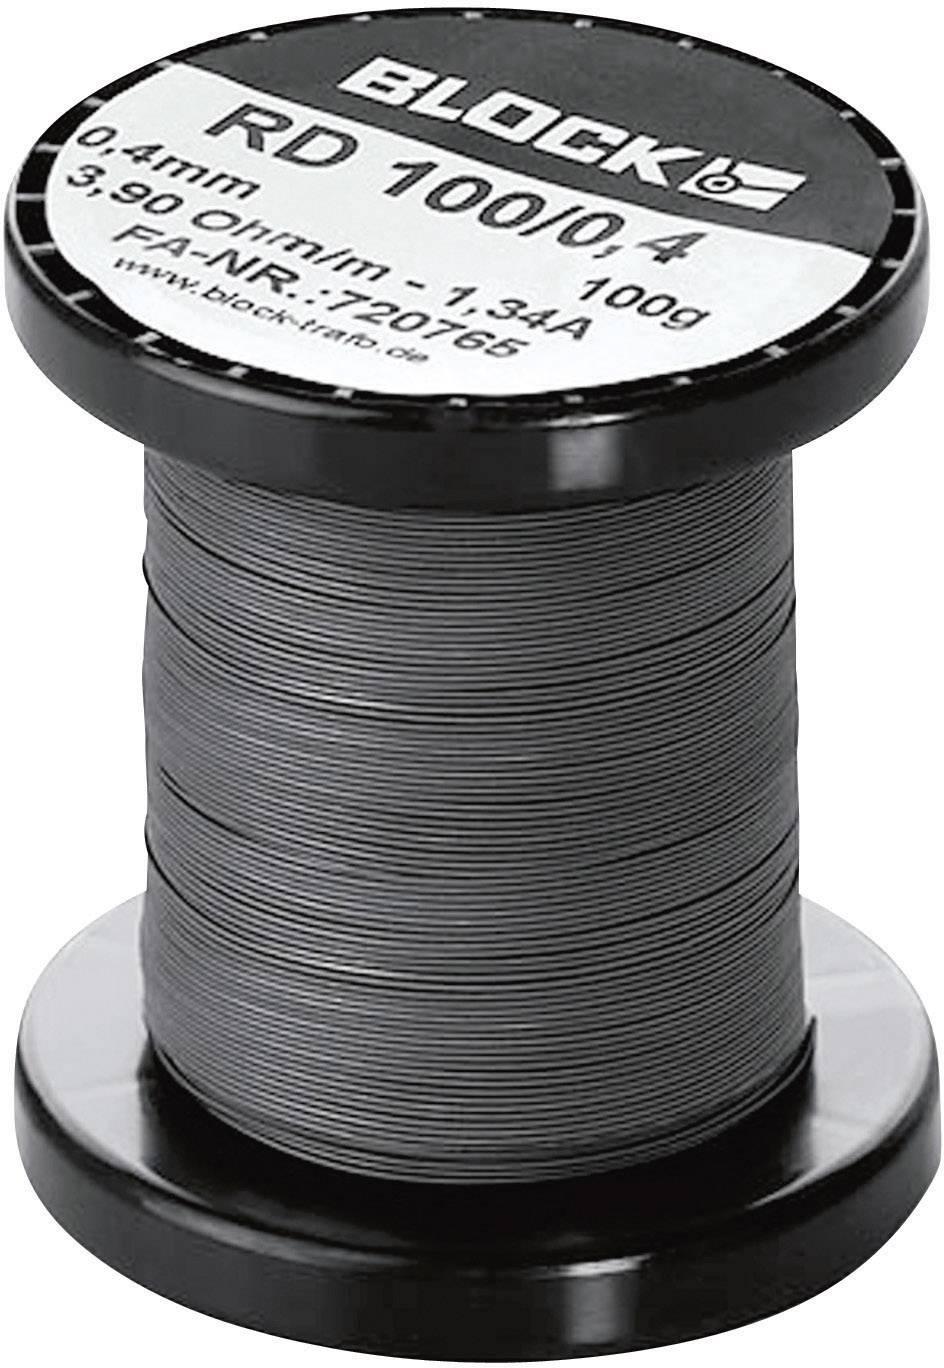 Odporový drôt Block RD 100/0,8, 0.975 Ω/m, 22 m